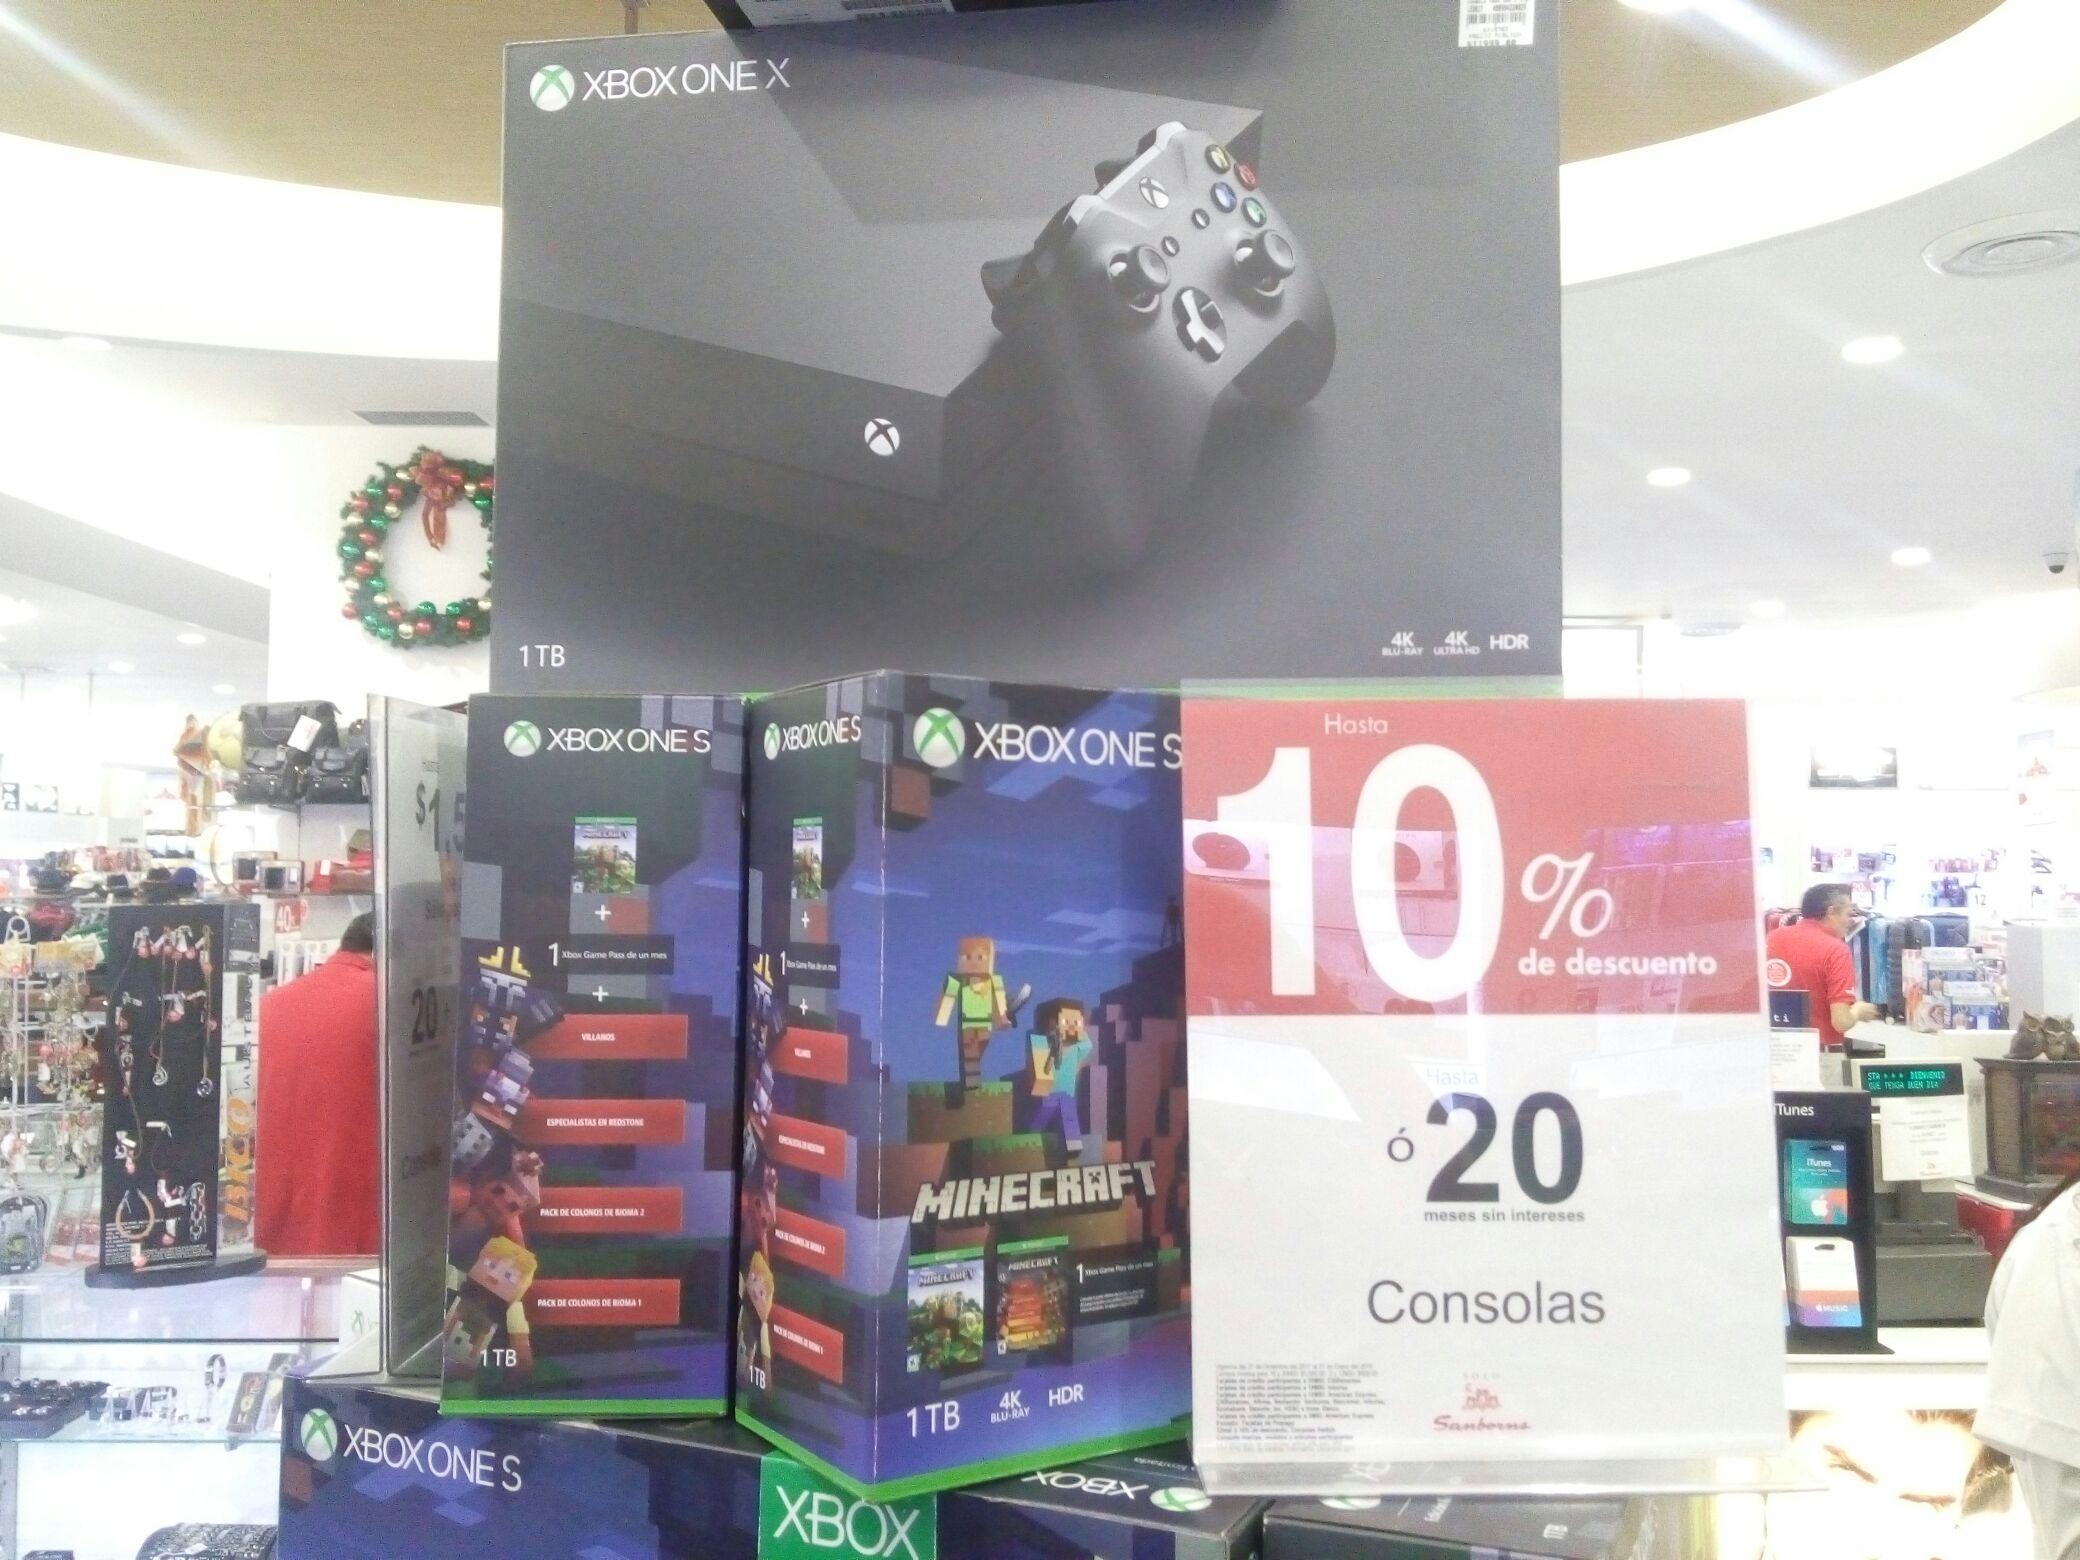 Sanborns Fórum Buenavista: Xbox One X con 10% de descuento.